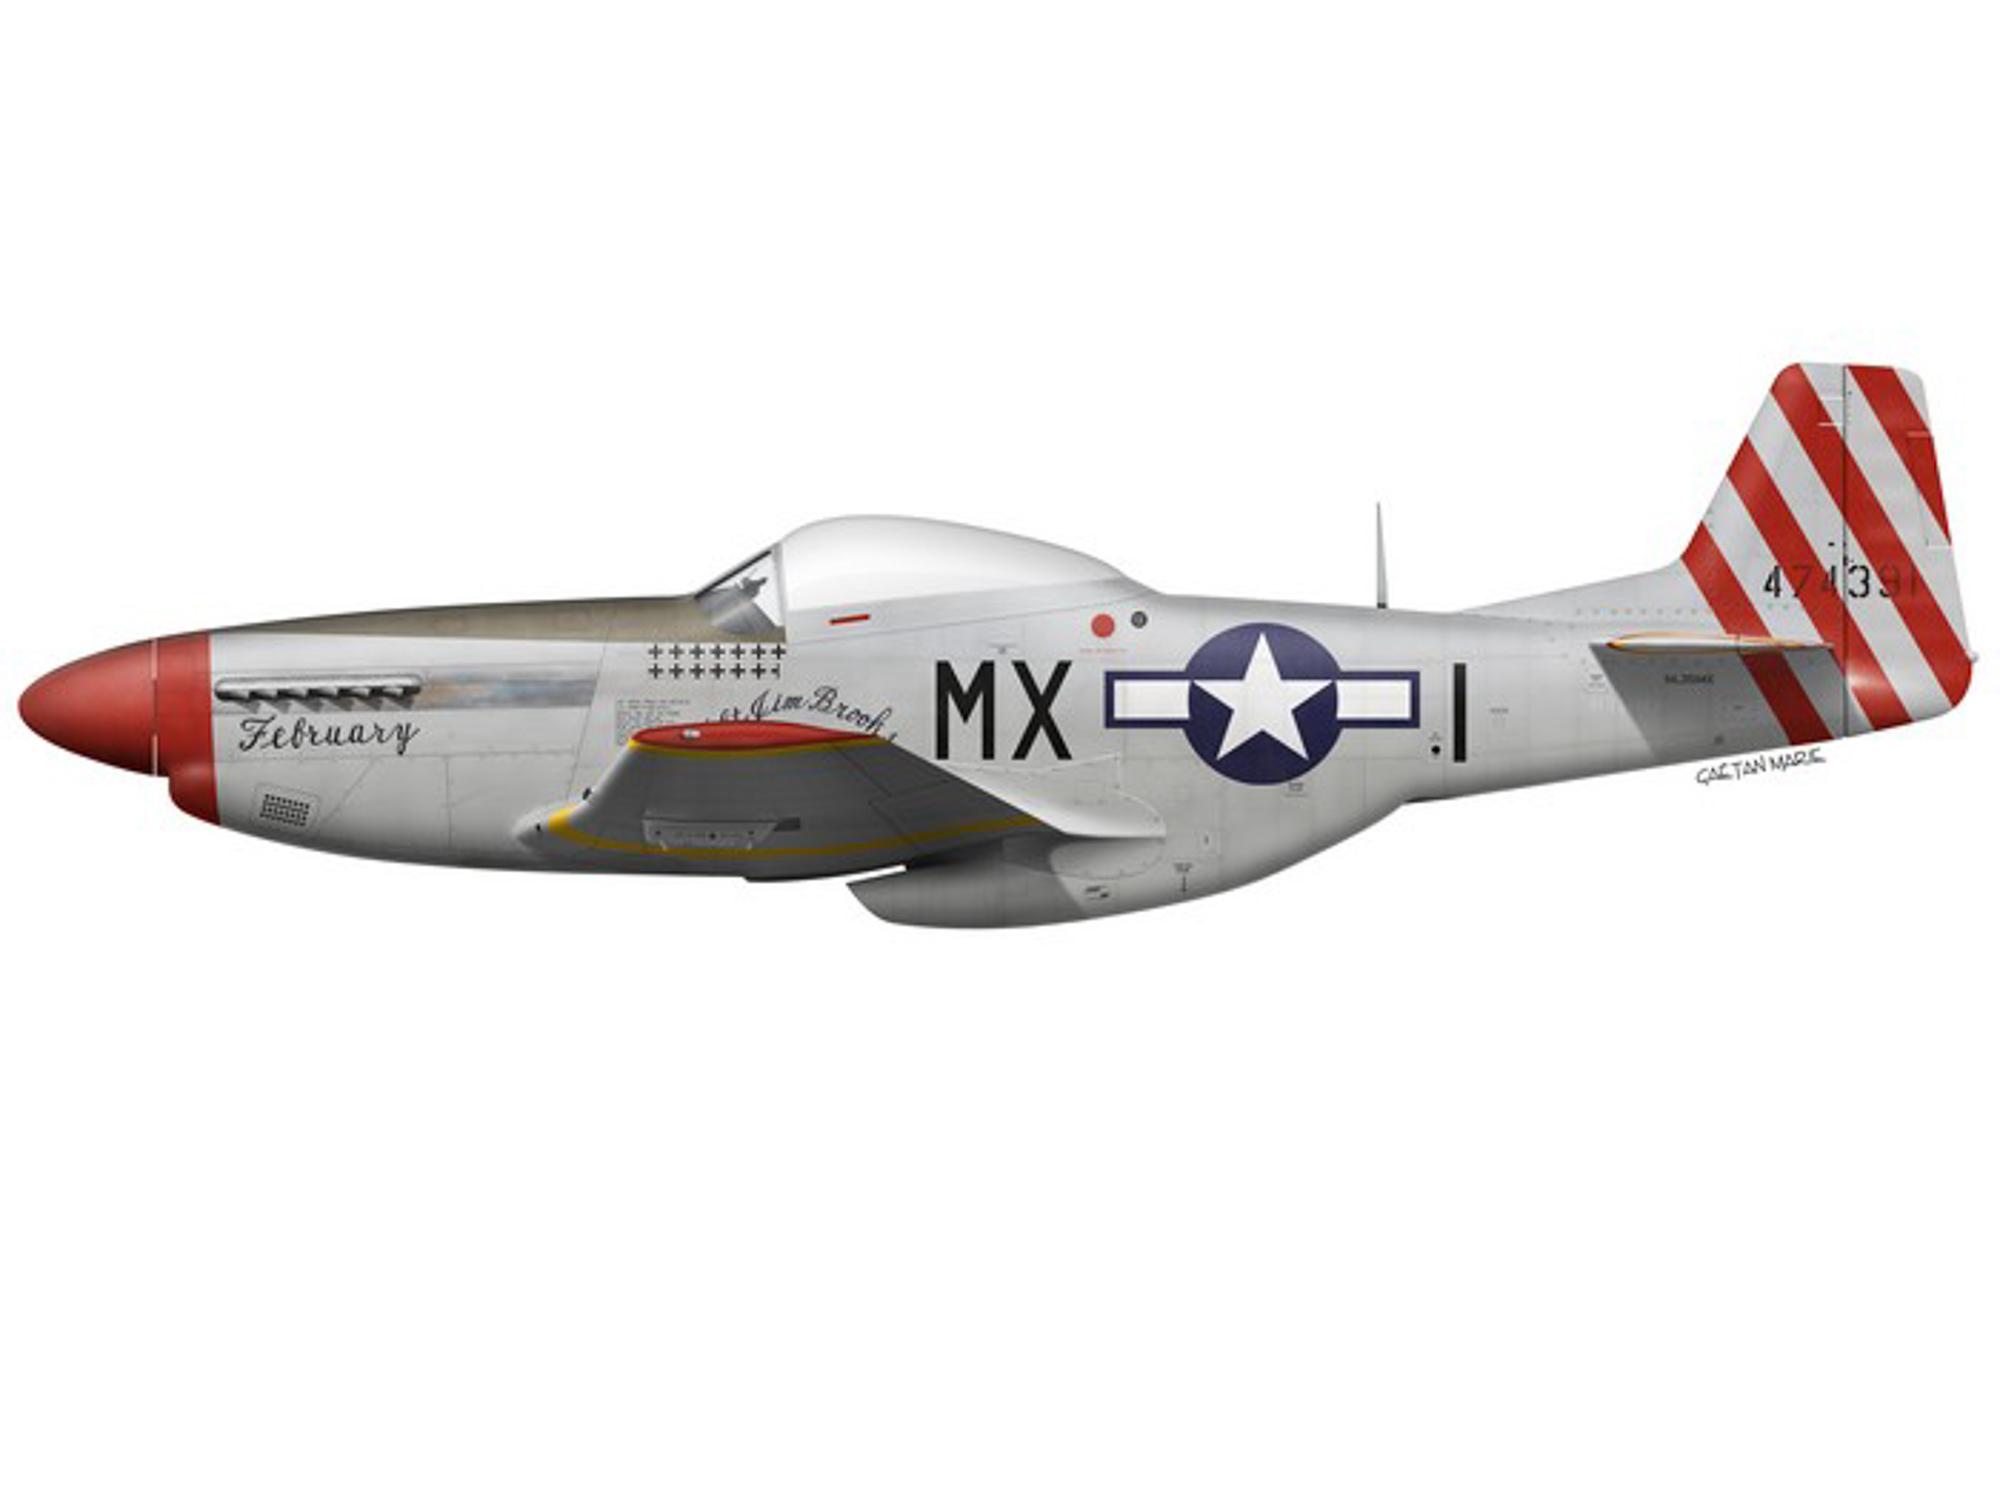 P-51D – February – 44-74391